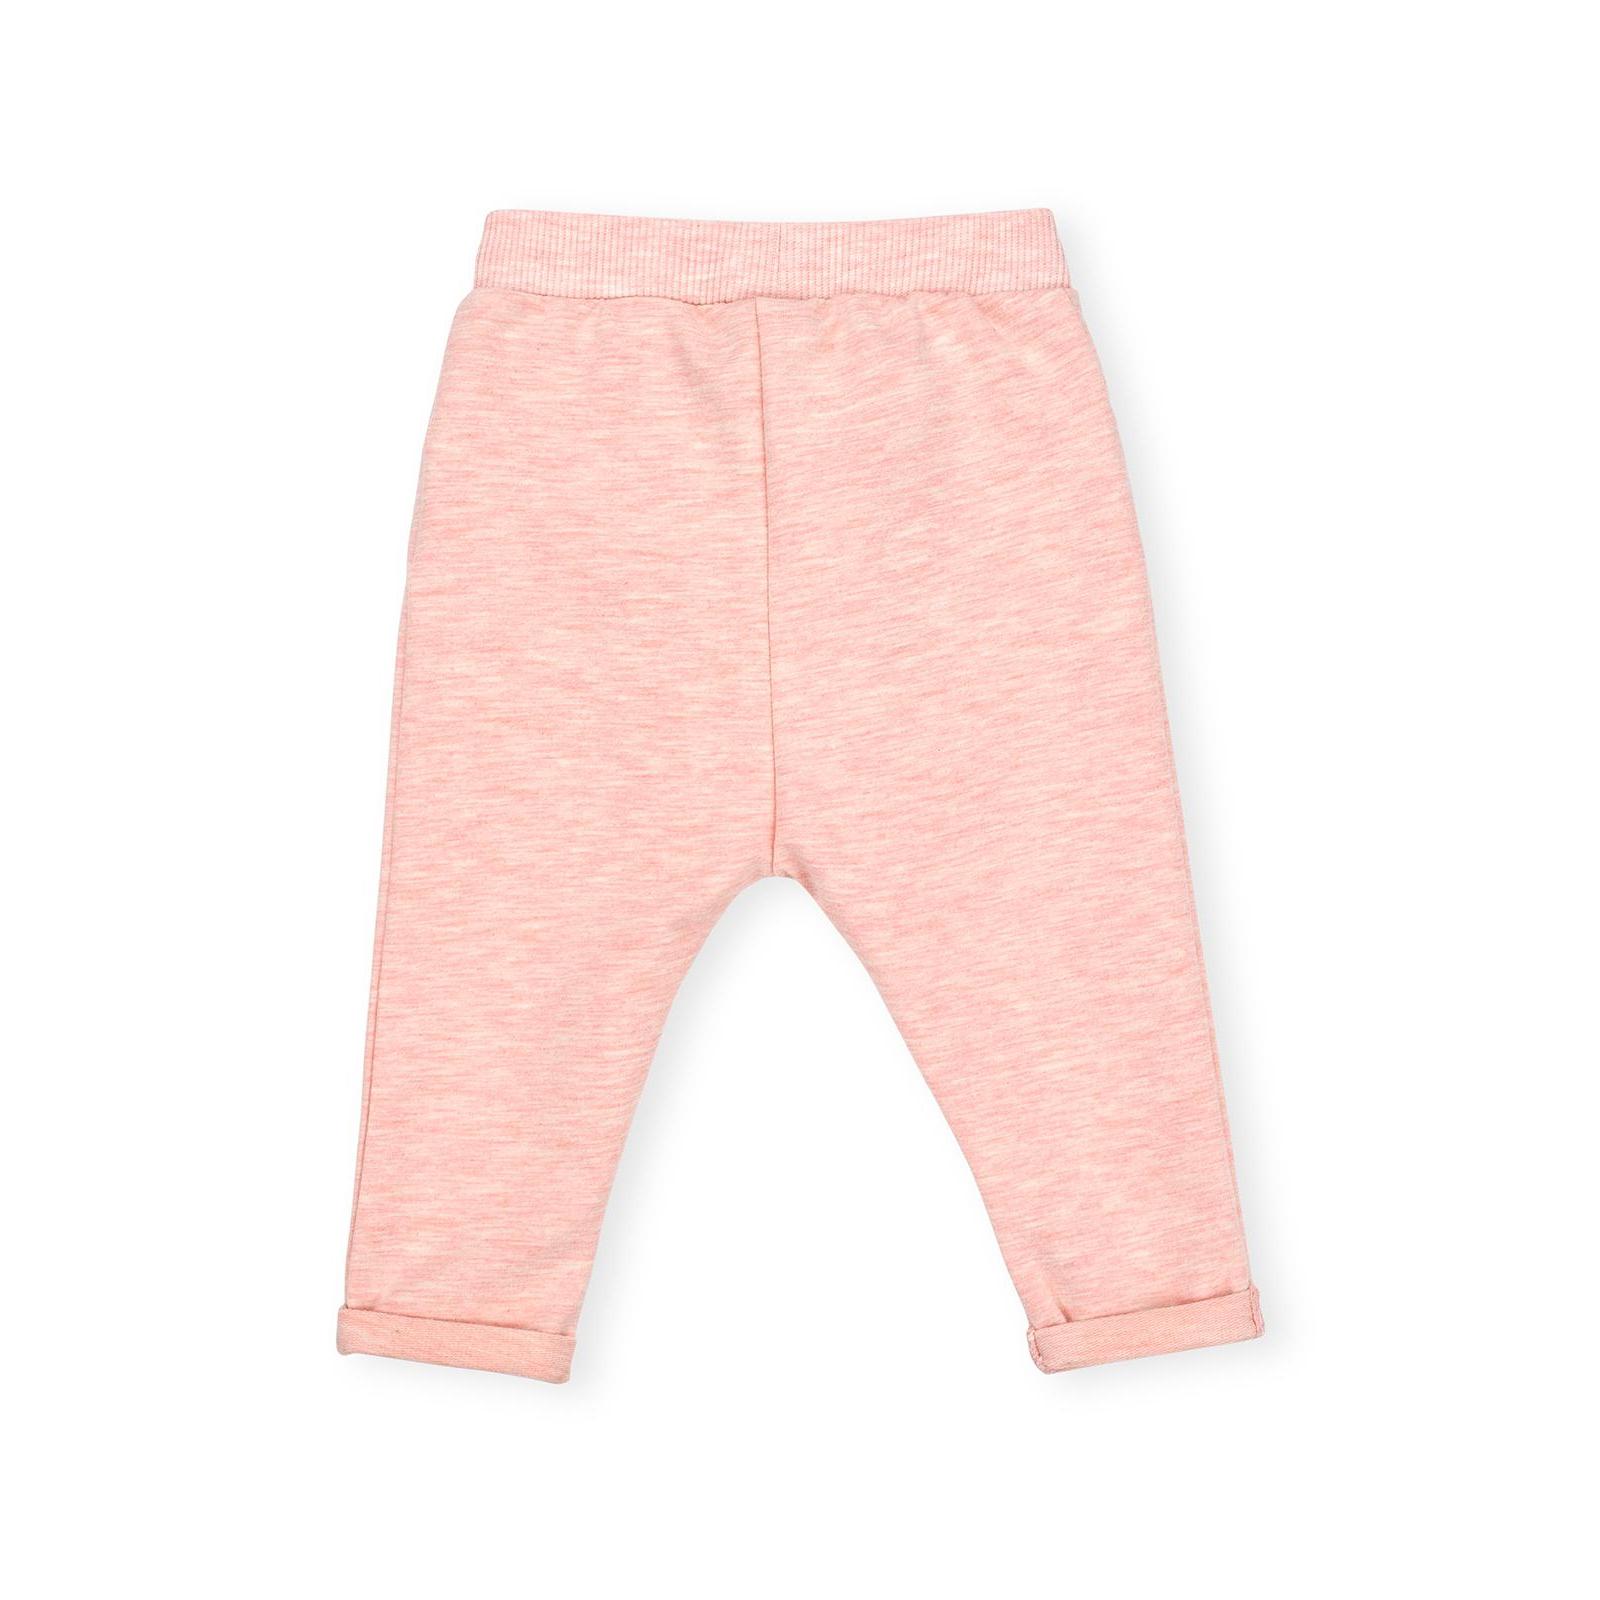 Набор детской одежды Breeze с зайчиками (10214-92G-peach) изображение 6